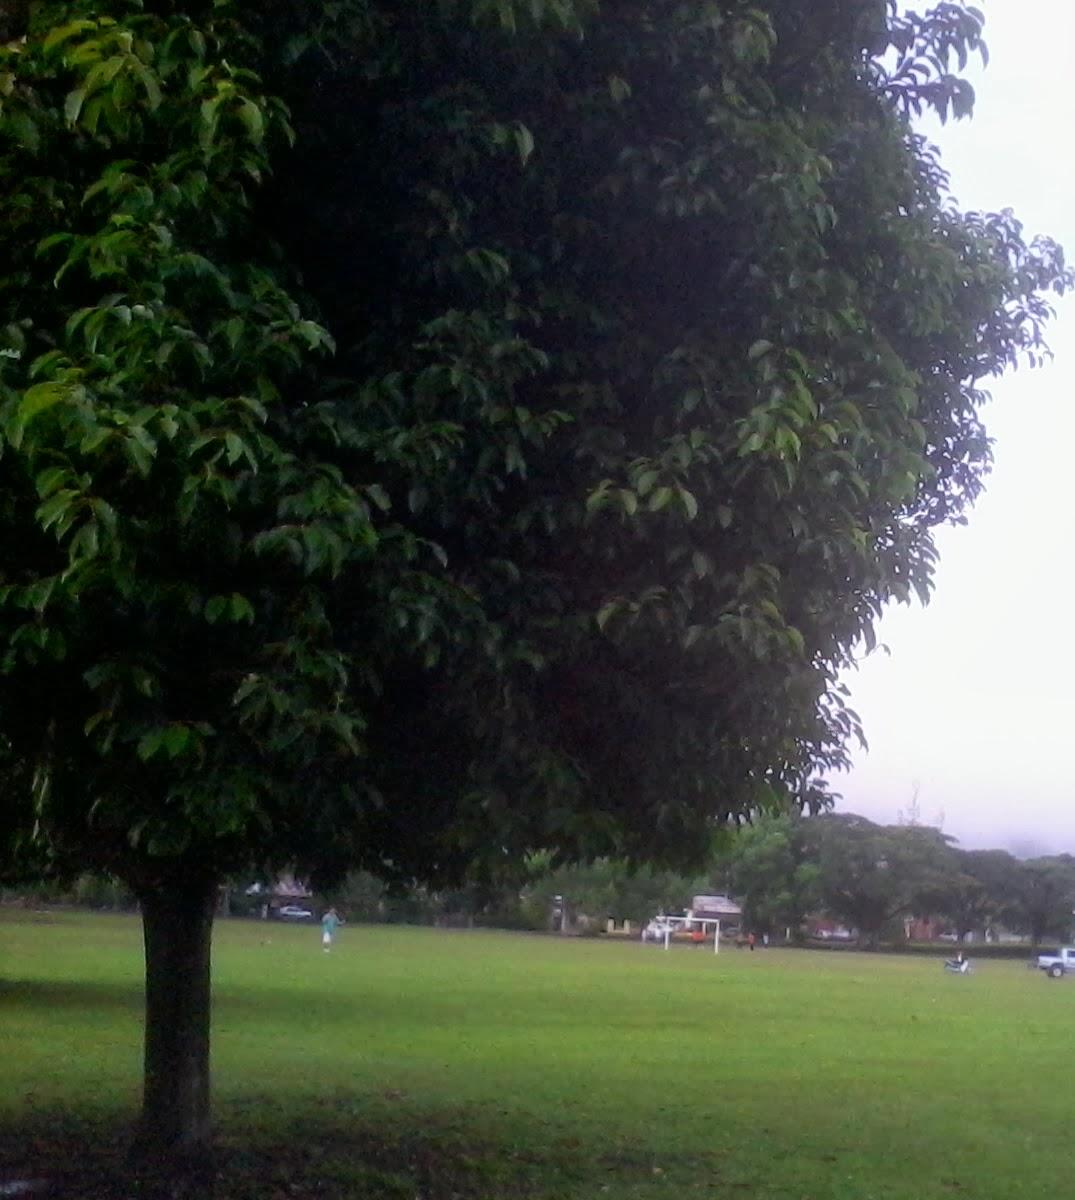 第一眼看到就喜欢这棵树